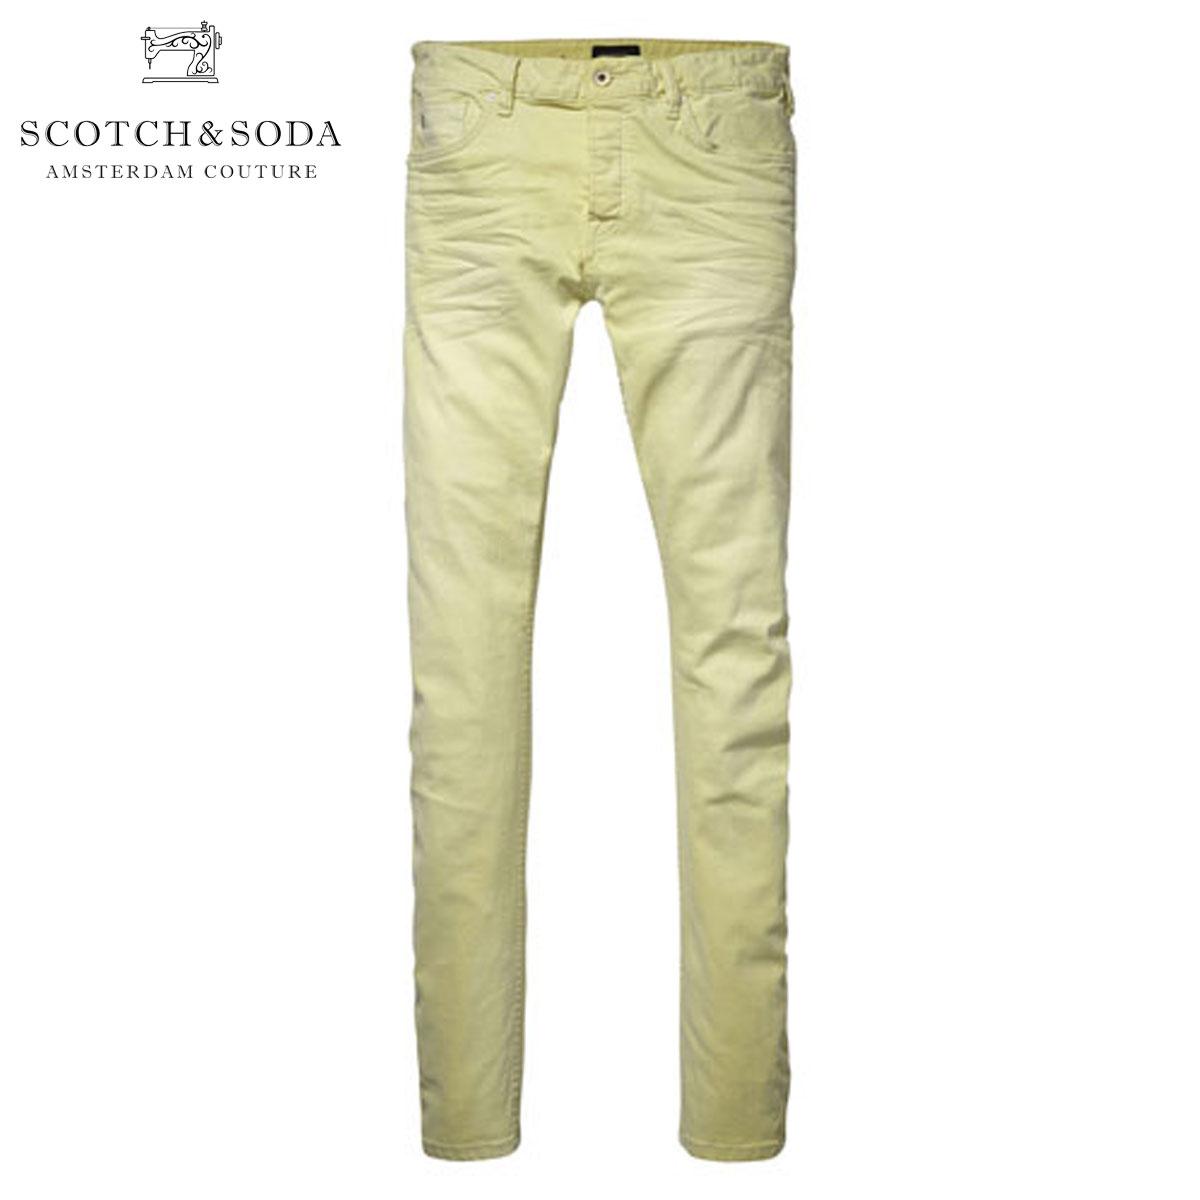 【販売期間 4/13 15:00〜4/24 9:59】 スコッチアンドソーダ SCOTCH&SODA 正規販売店 メンズ ジーンズ Rock related garment dyed skinny 5-pocket. Pike 80006 34